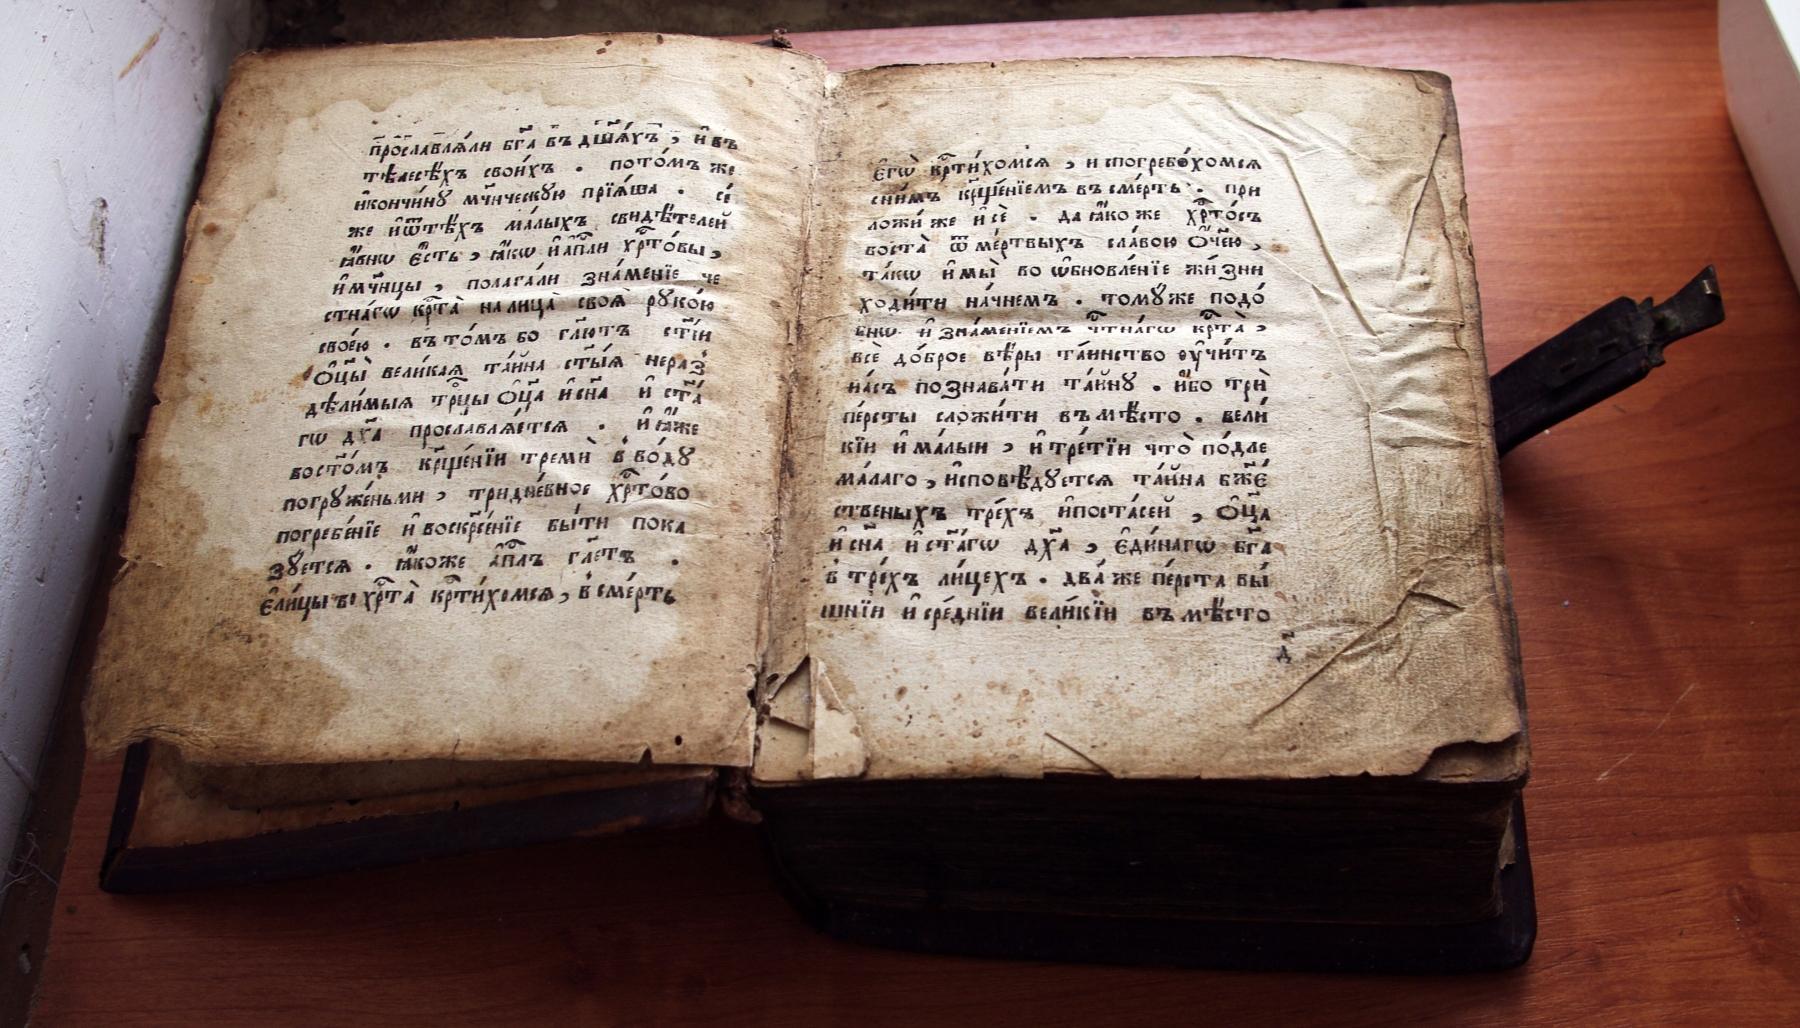 Псалтирь 19 века до реставрации. Первые листы издания.